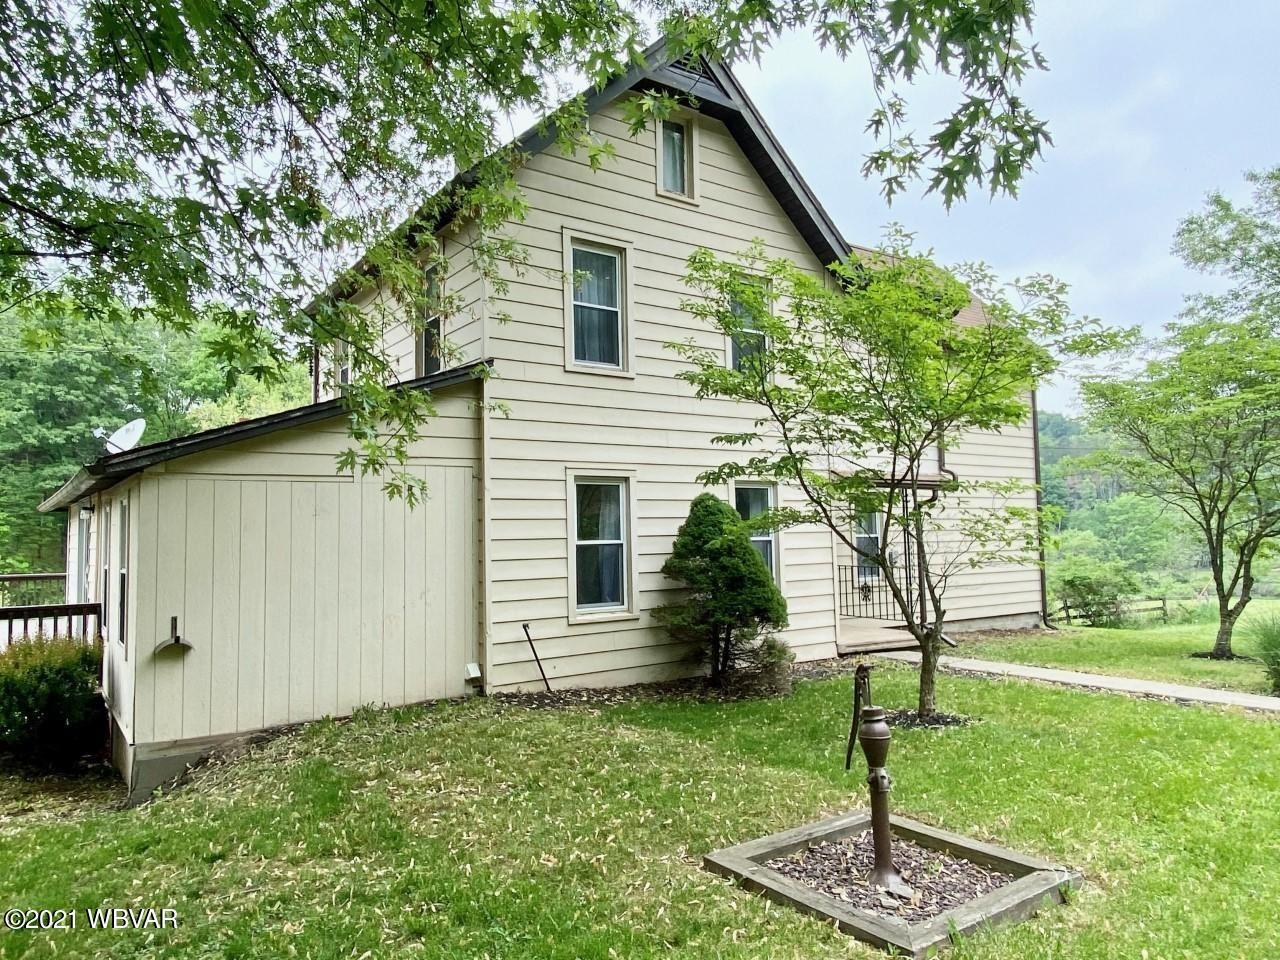 565 KIMBLE HILL ROAD, Williamsport, PA 17701 - #: WB-92631